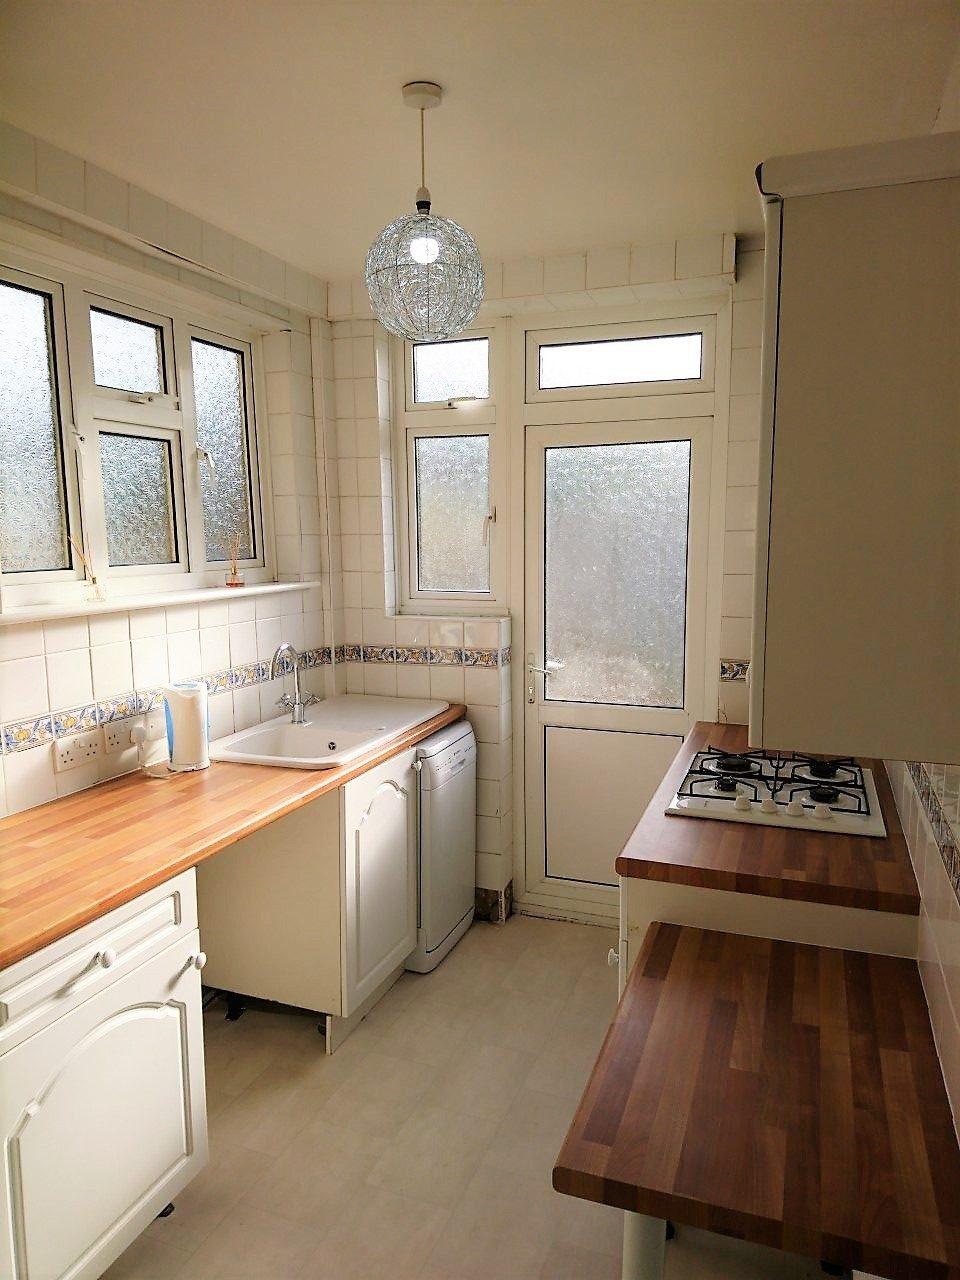 Three Bedroom House In Quiet Cul De Sac To Let In Wembley